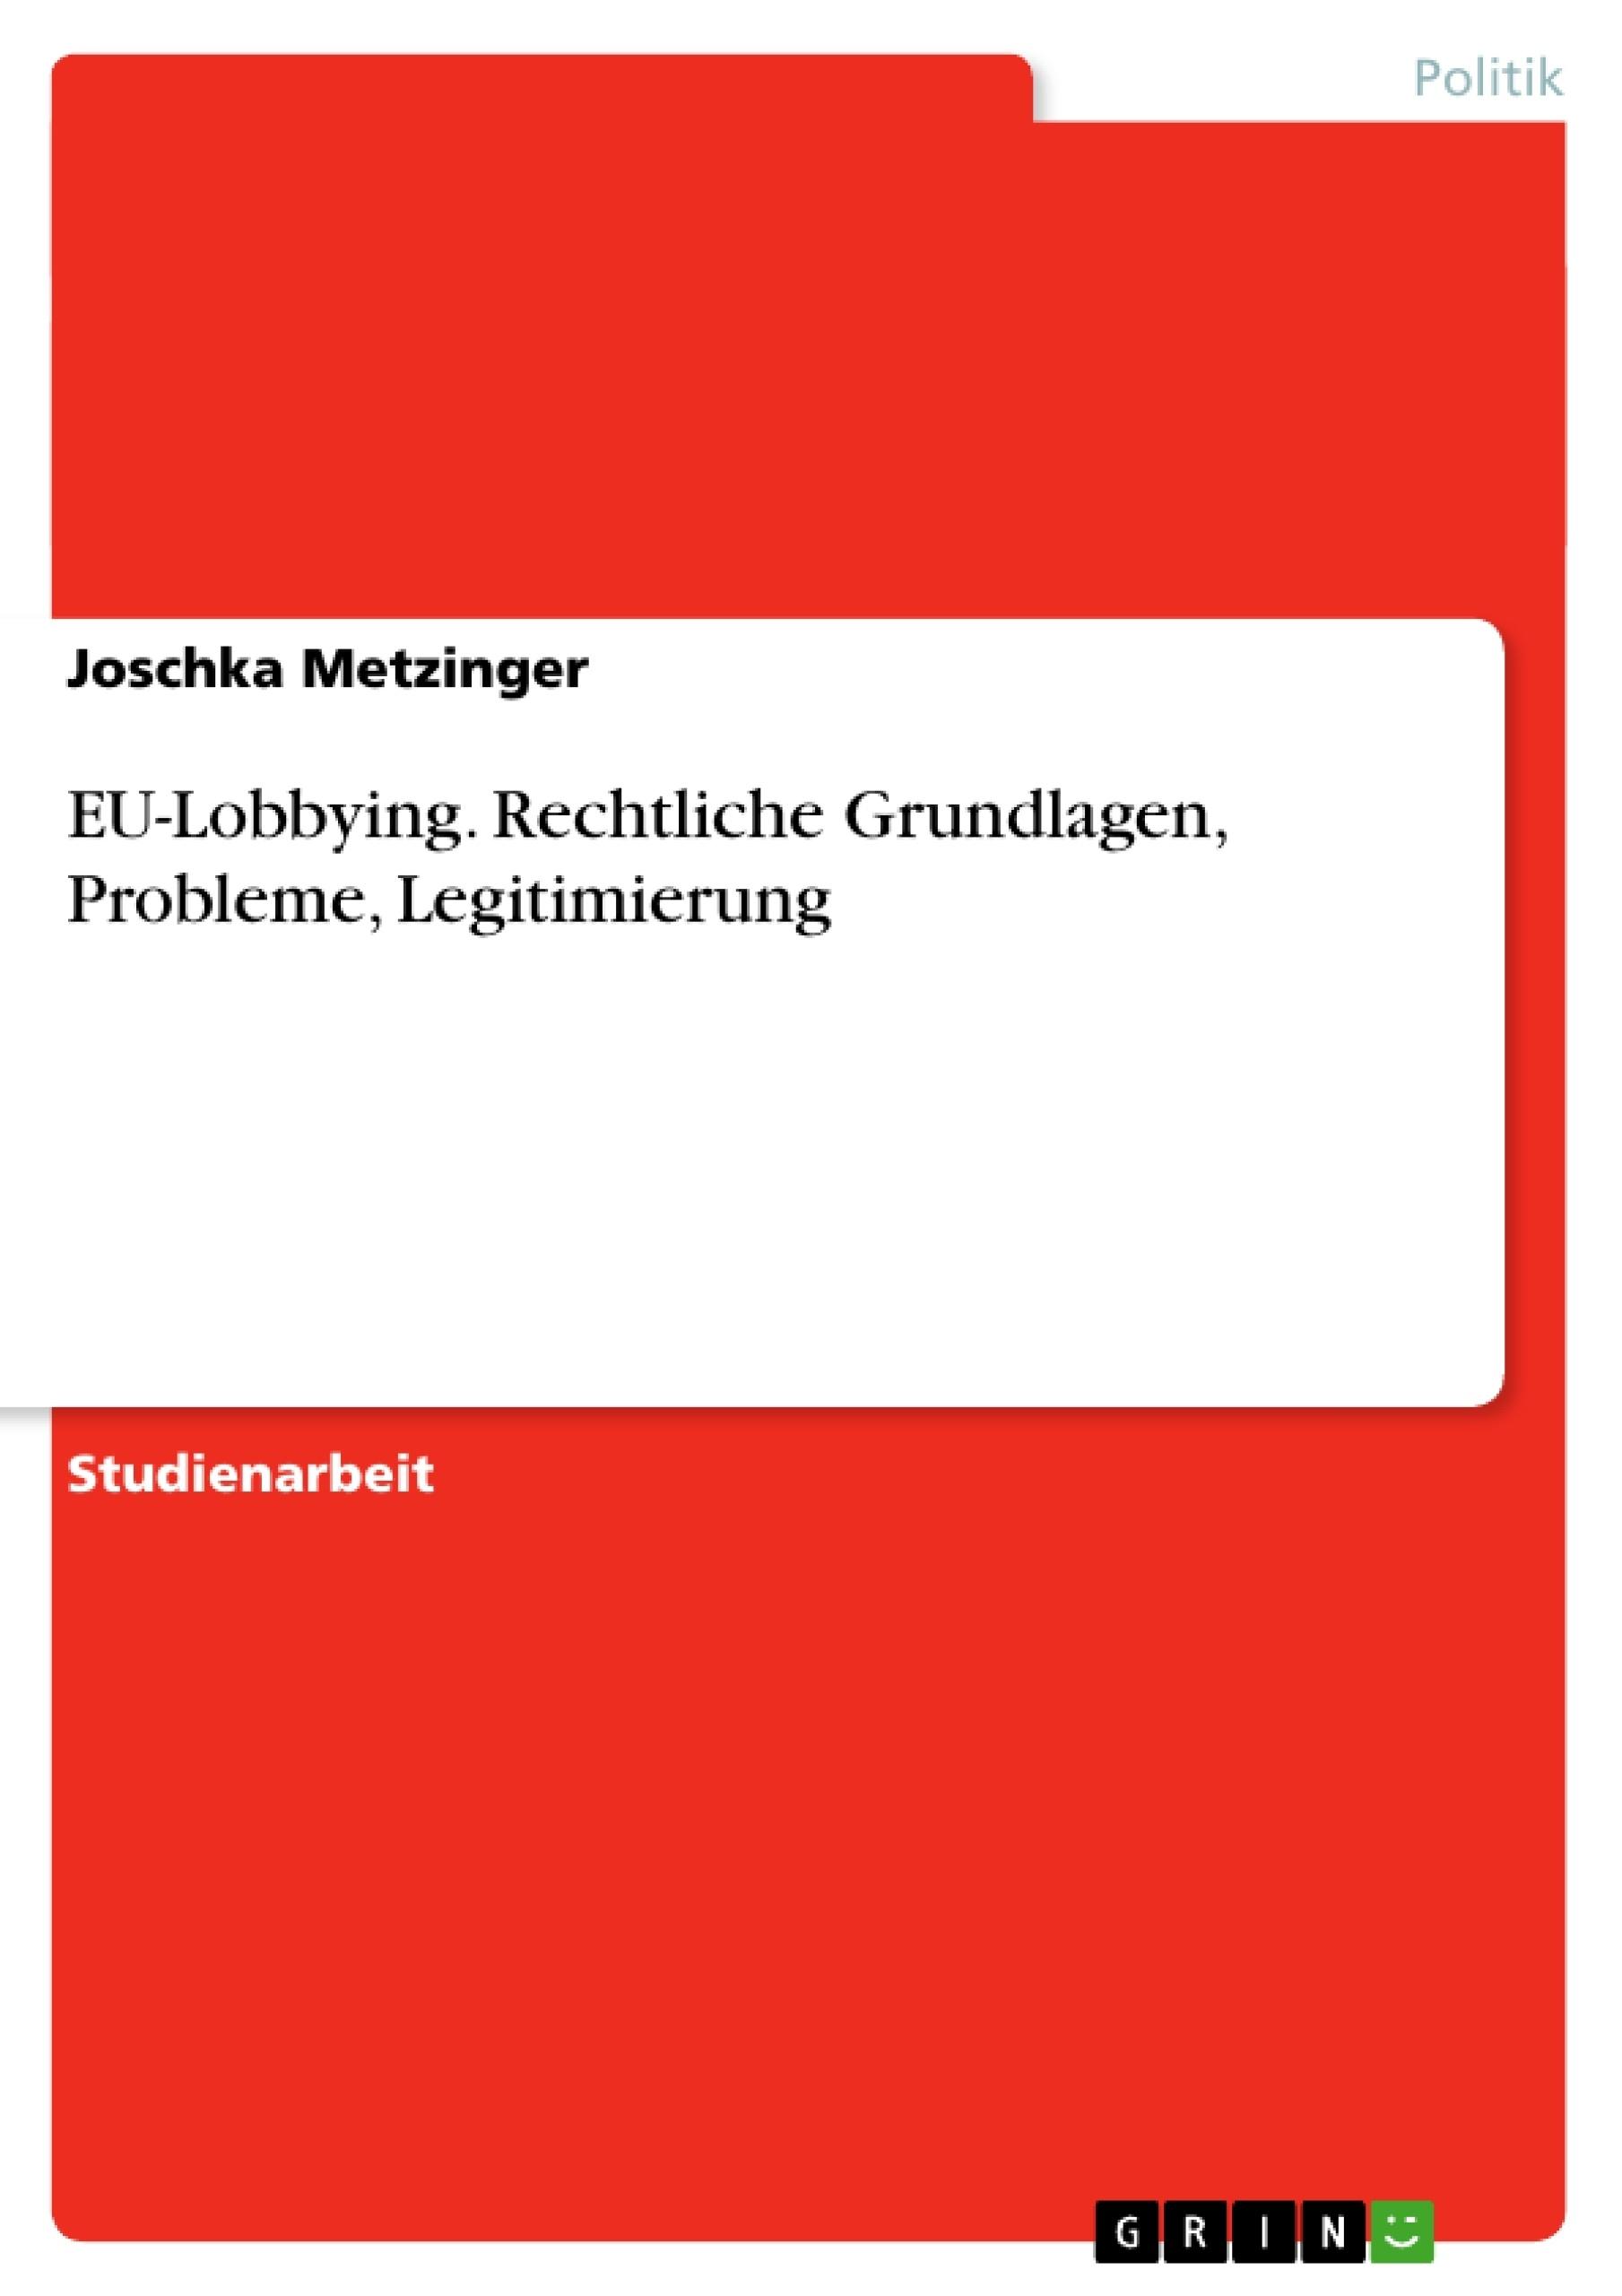 Titel: EU-Lobbying. Rechtliche Grundlagen, Probleme, Legitimierung